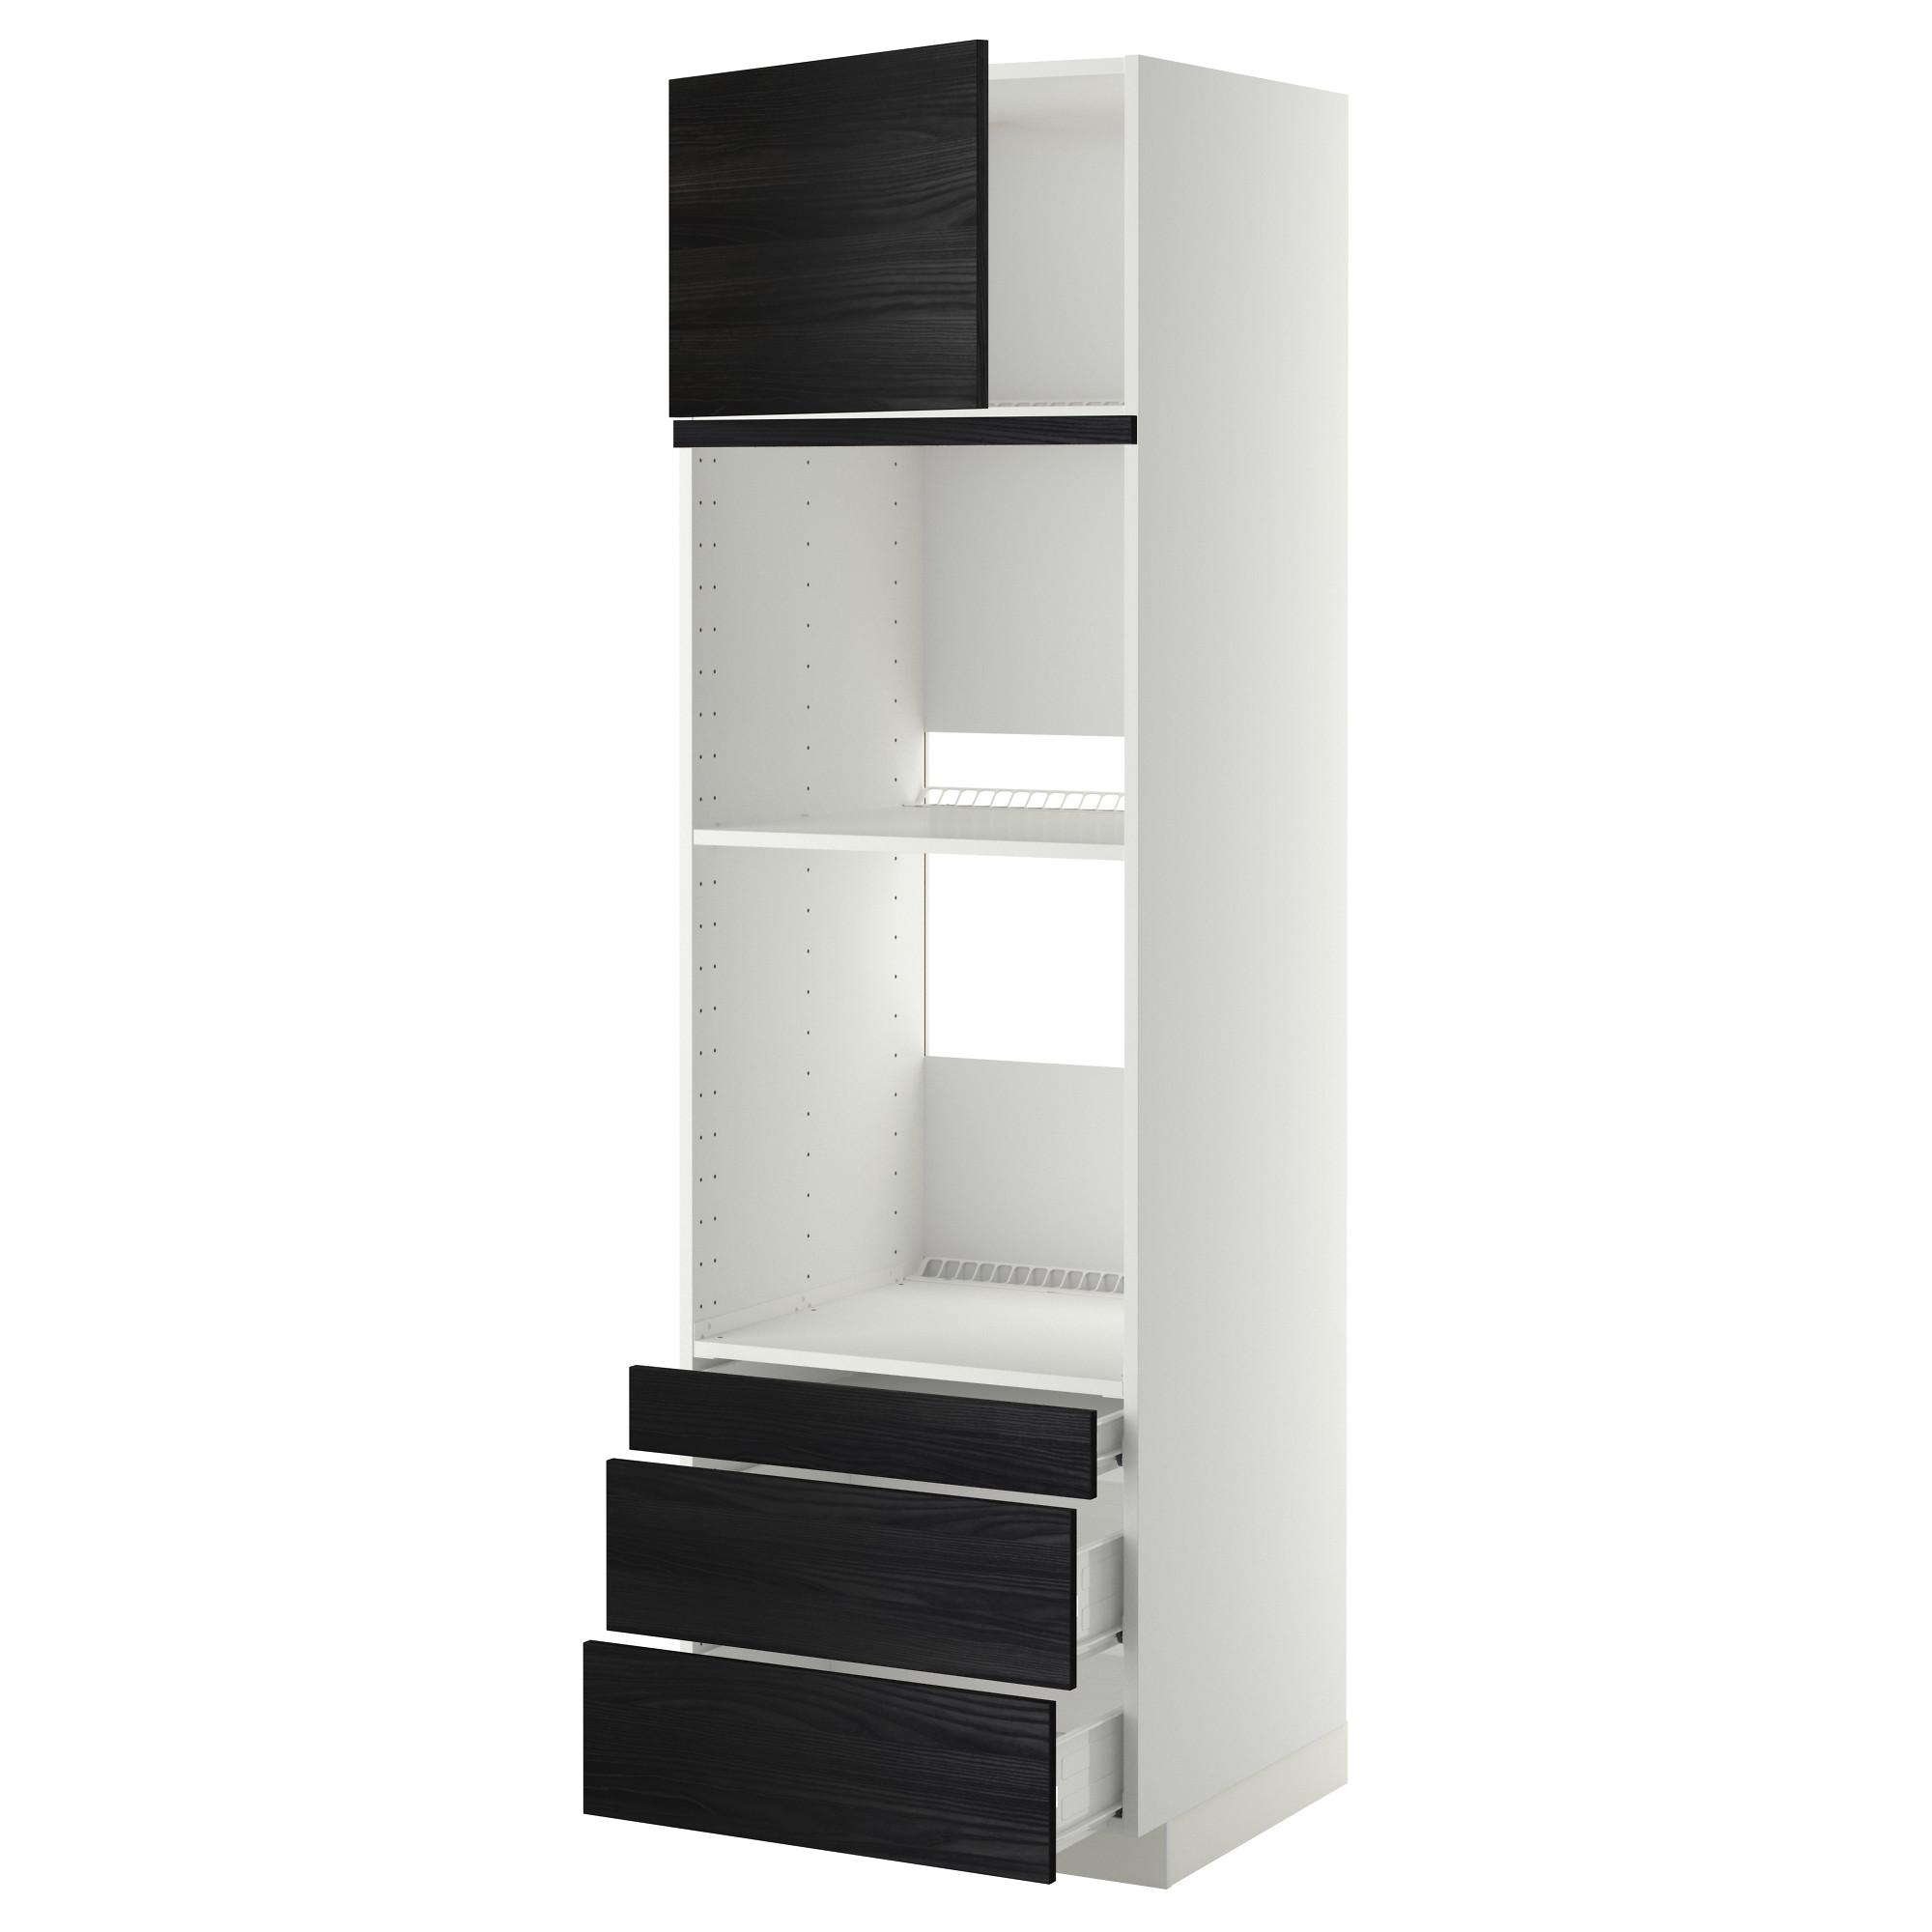 Высокий шкаф для духовки комбинированный, духовка + дверца, 3 ящика МЕТОД / ФОРВАРА черный артикуль № 992.674.44 в наличии. Интернет магазин IKEA РБ. Недорогая доставка и монтаж.